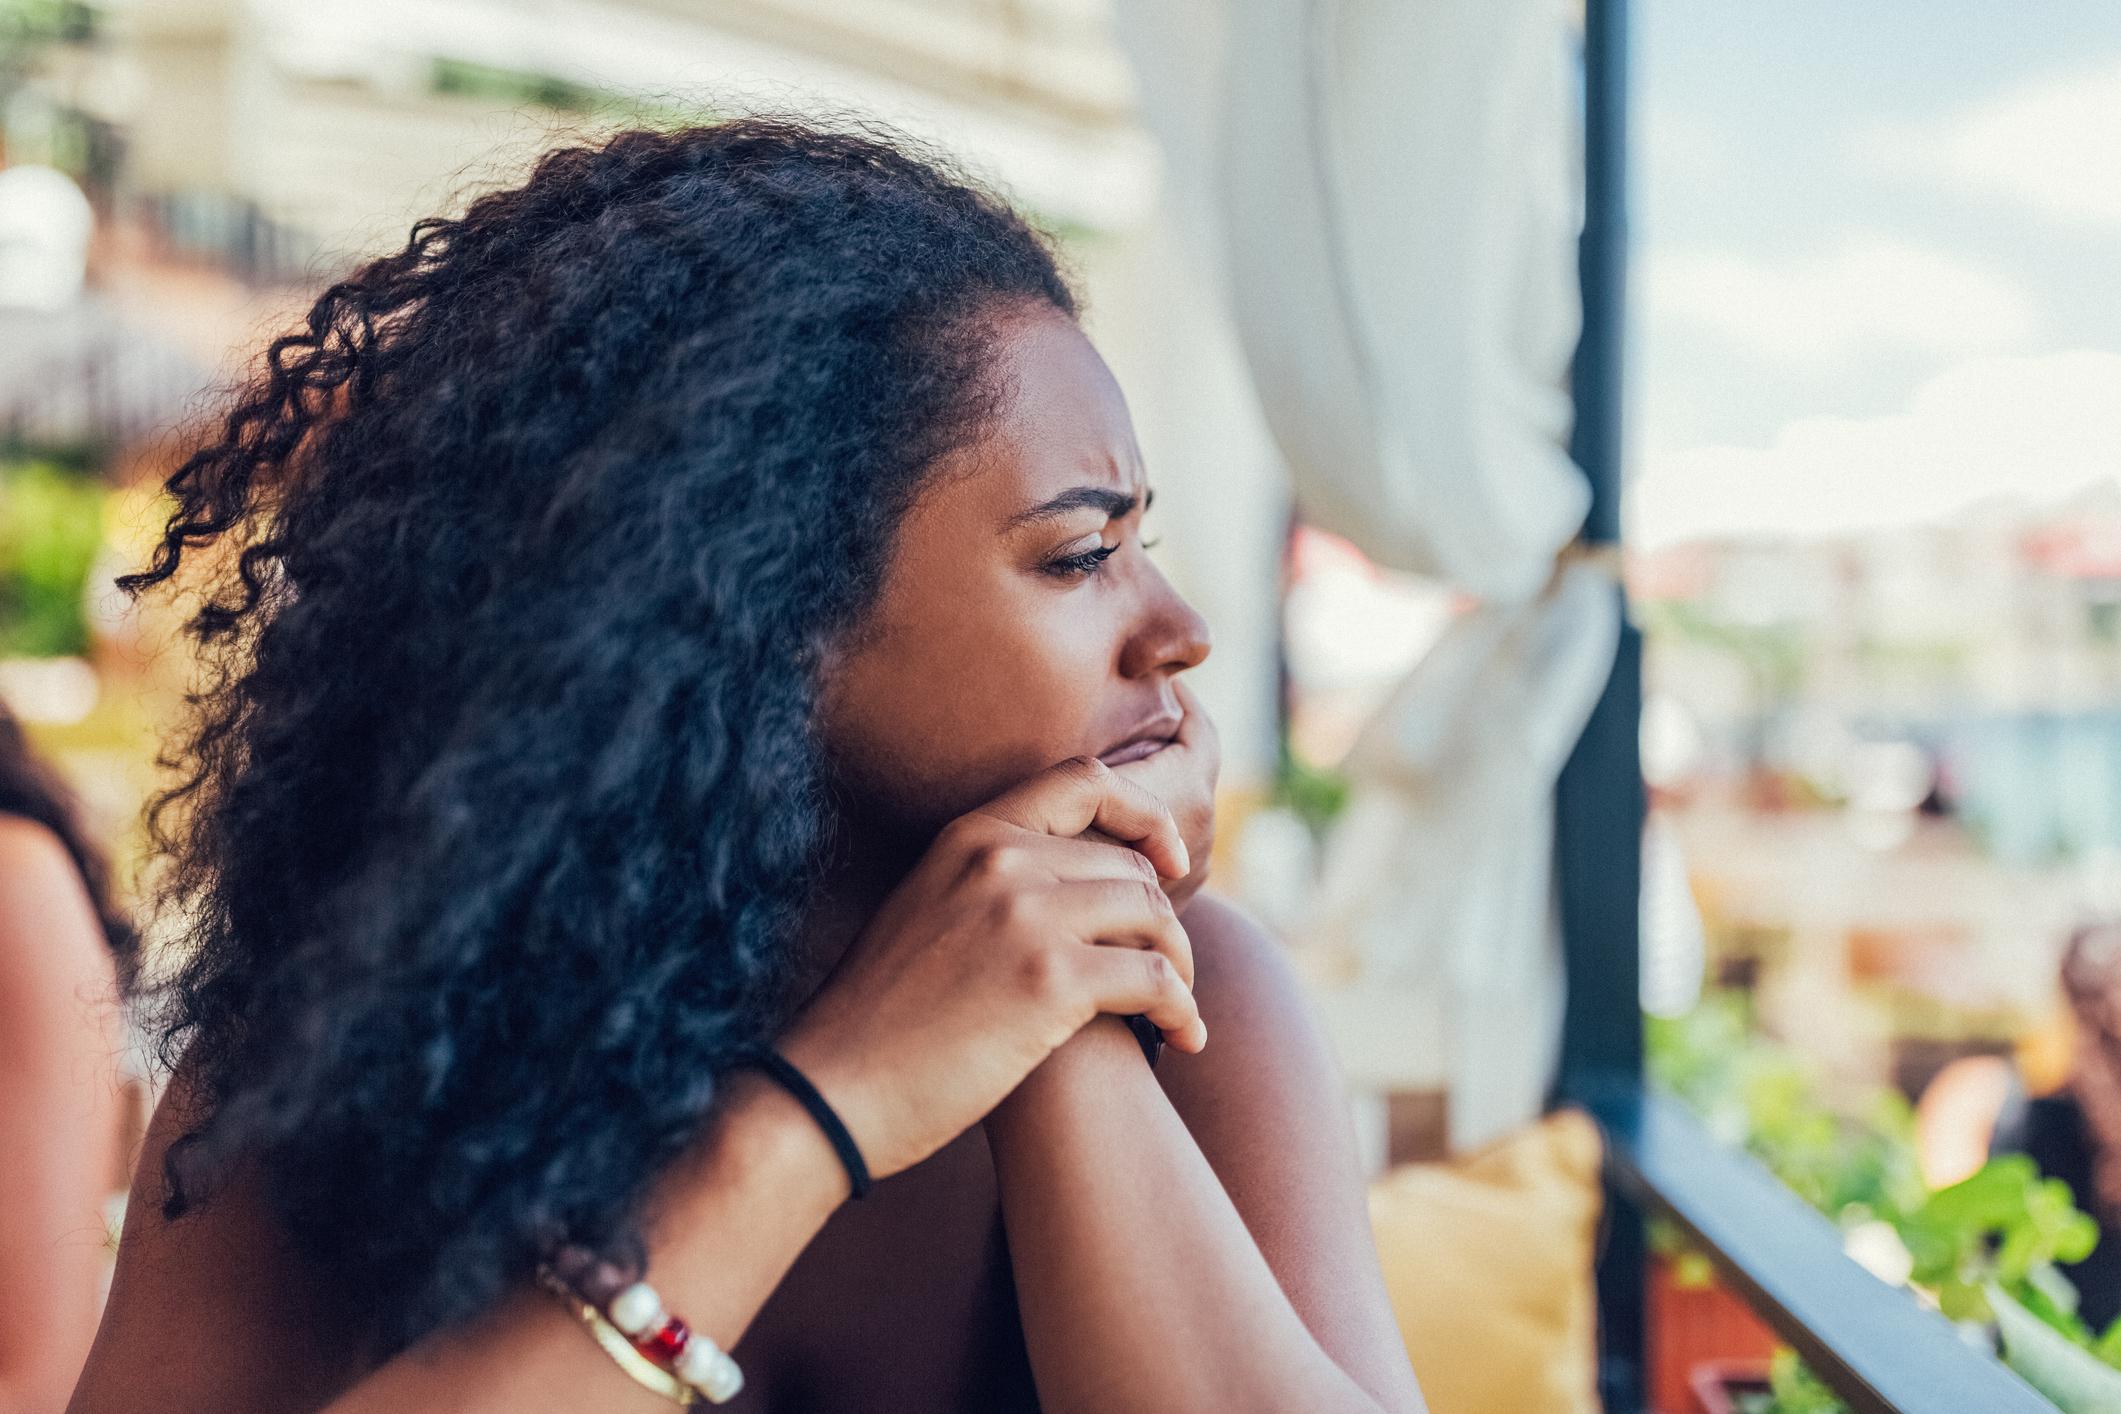 Entenda como diferenças no córtex cerebral podem explicar o comportamento antissocial